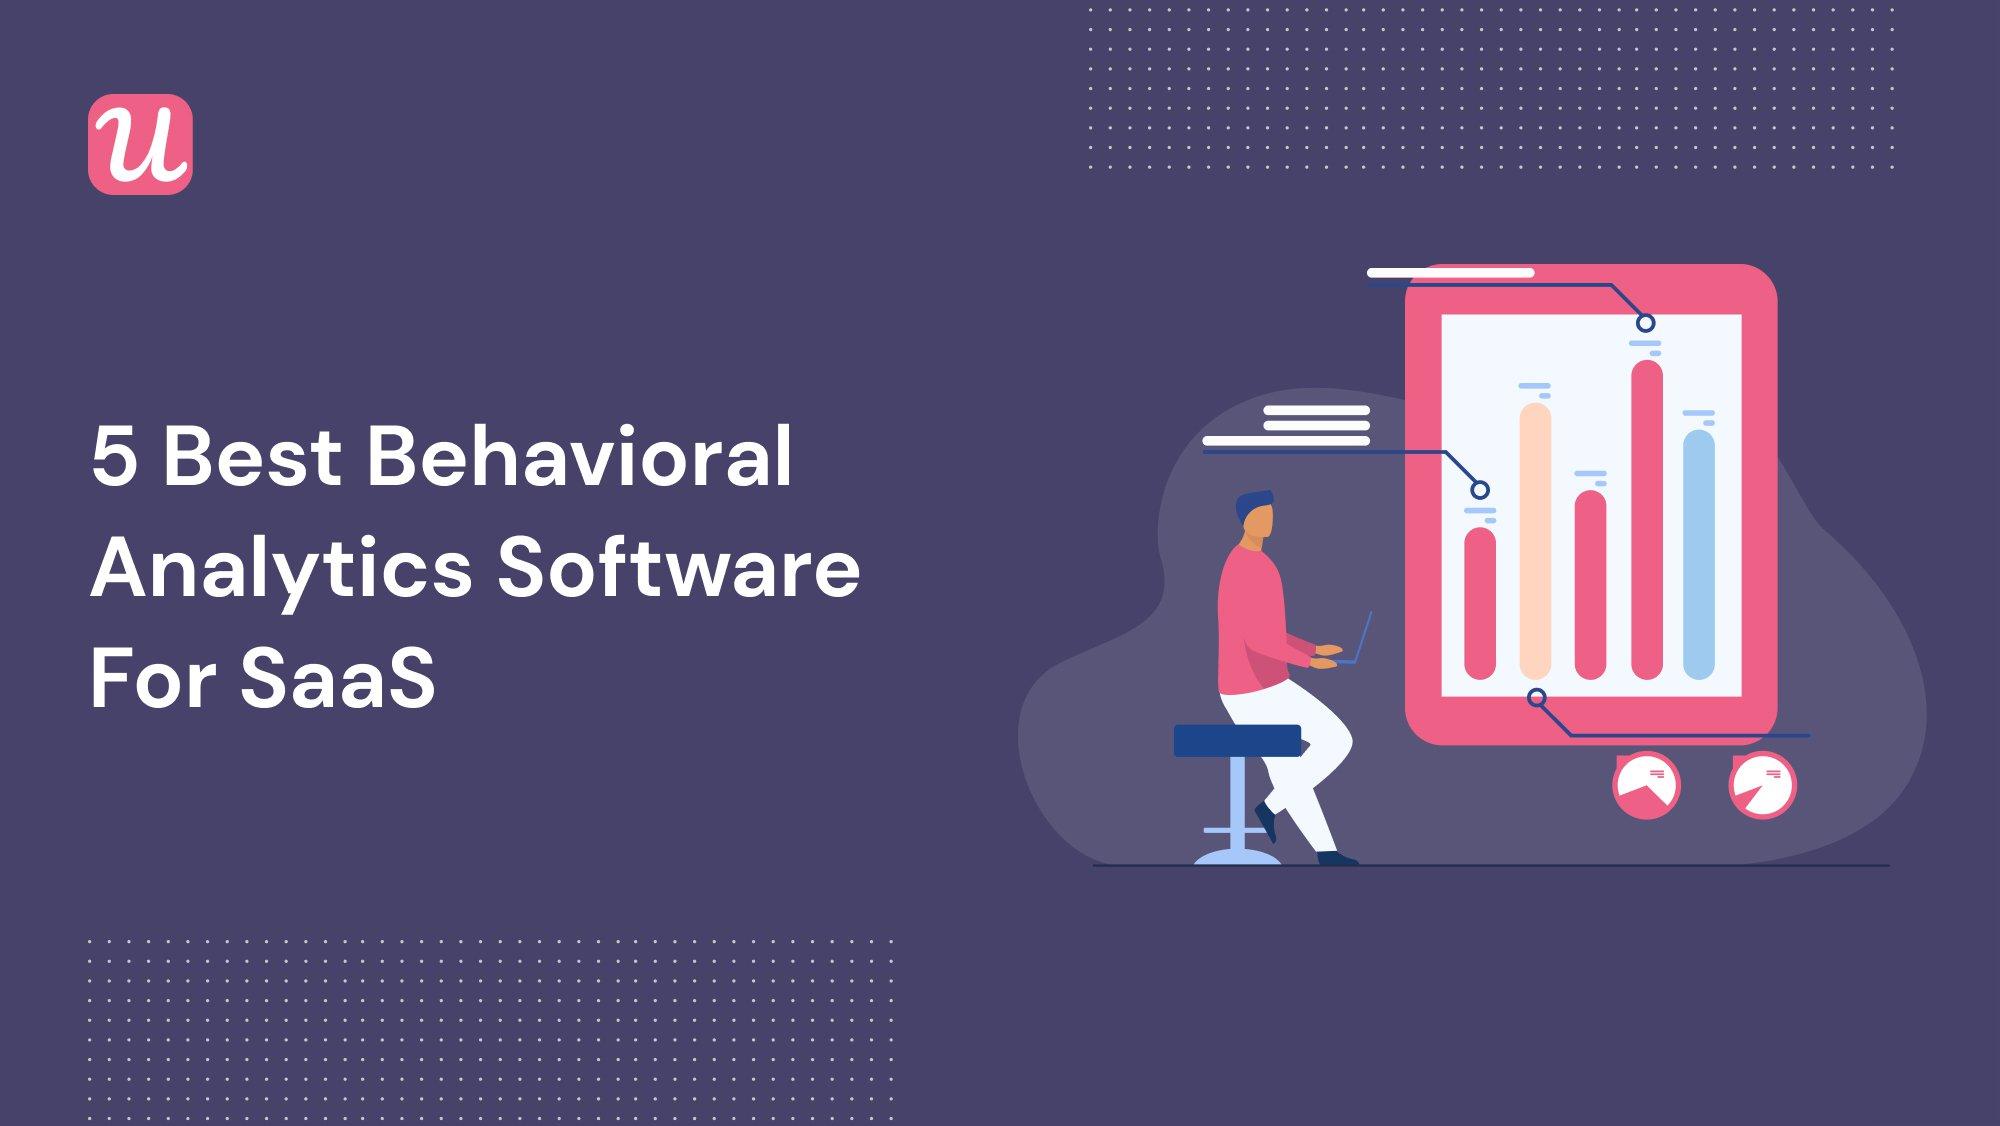 5 Best Behavioral Analytics Software for SaaS